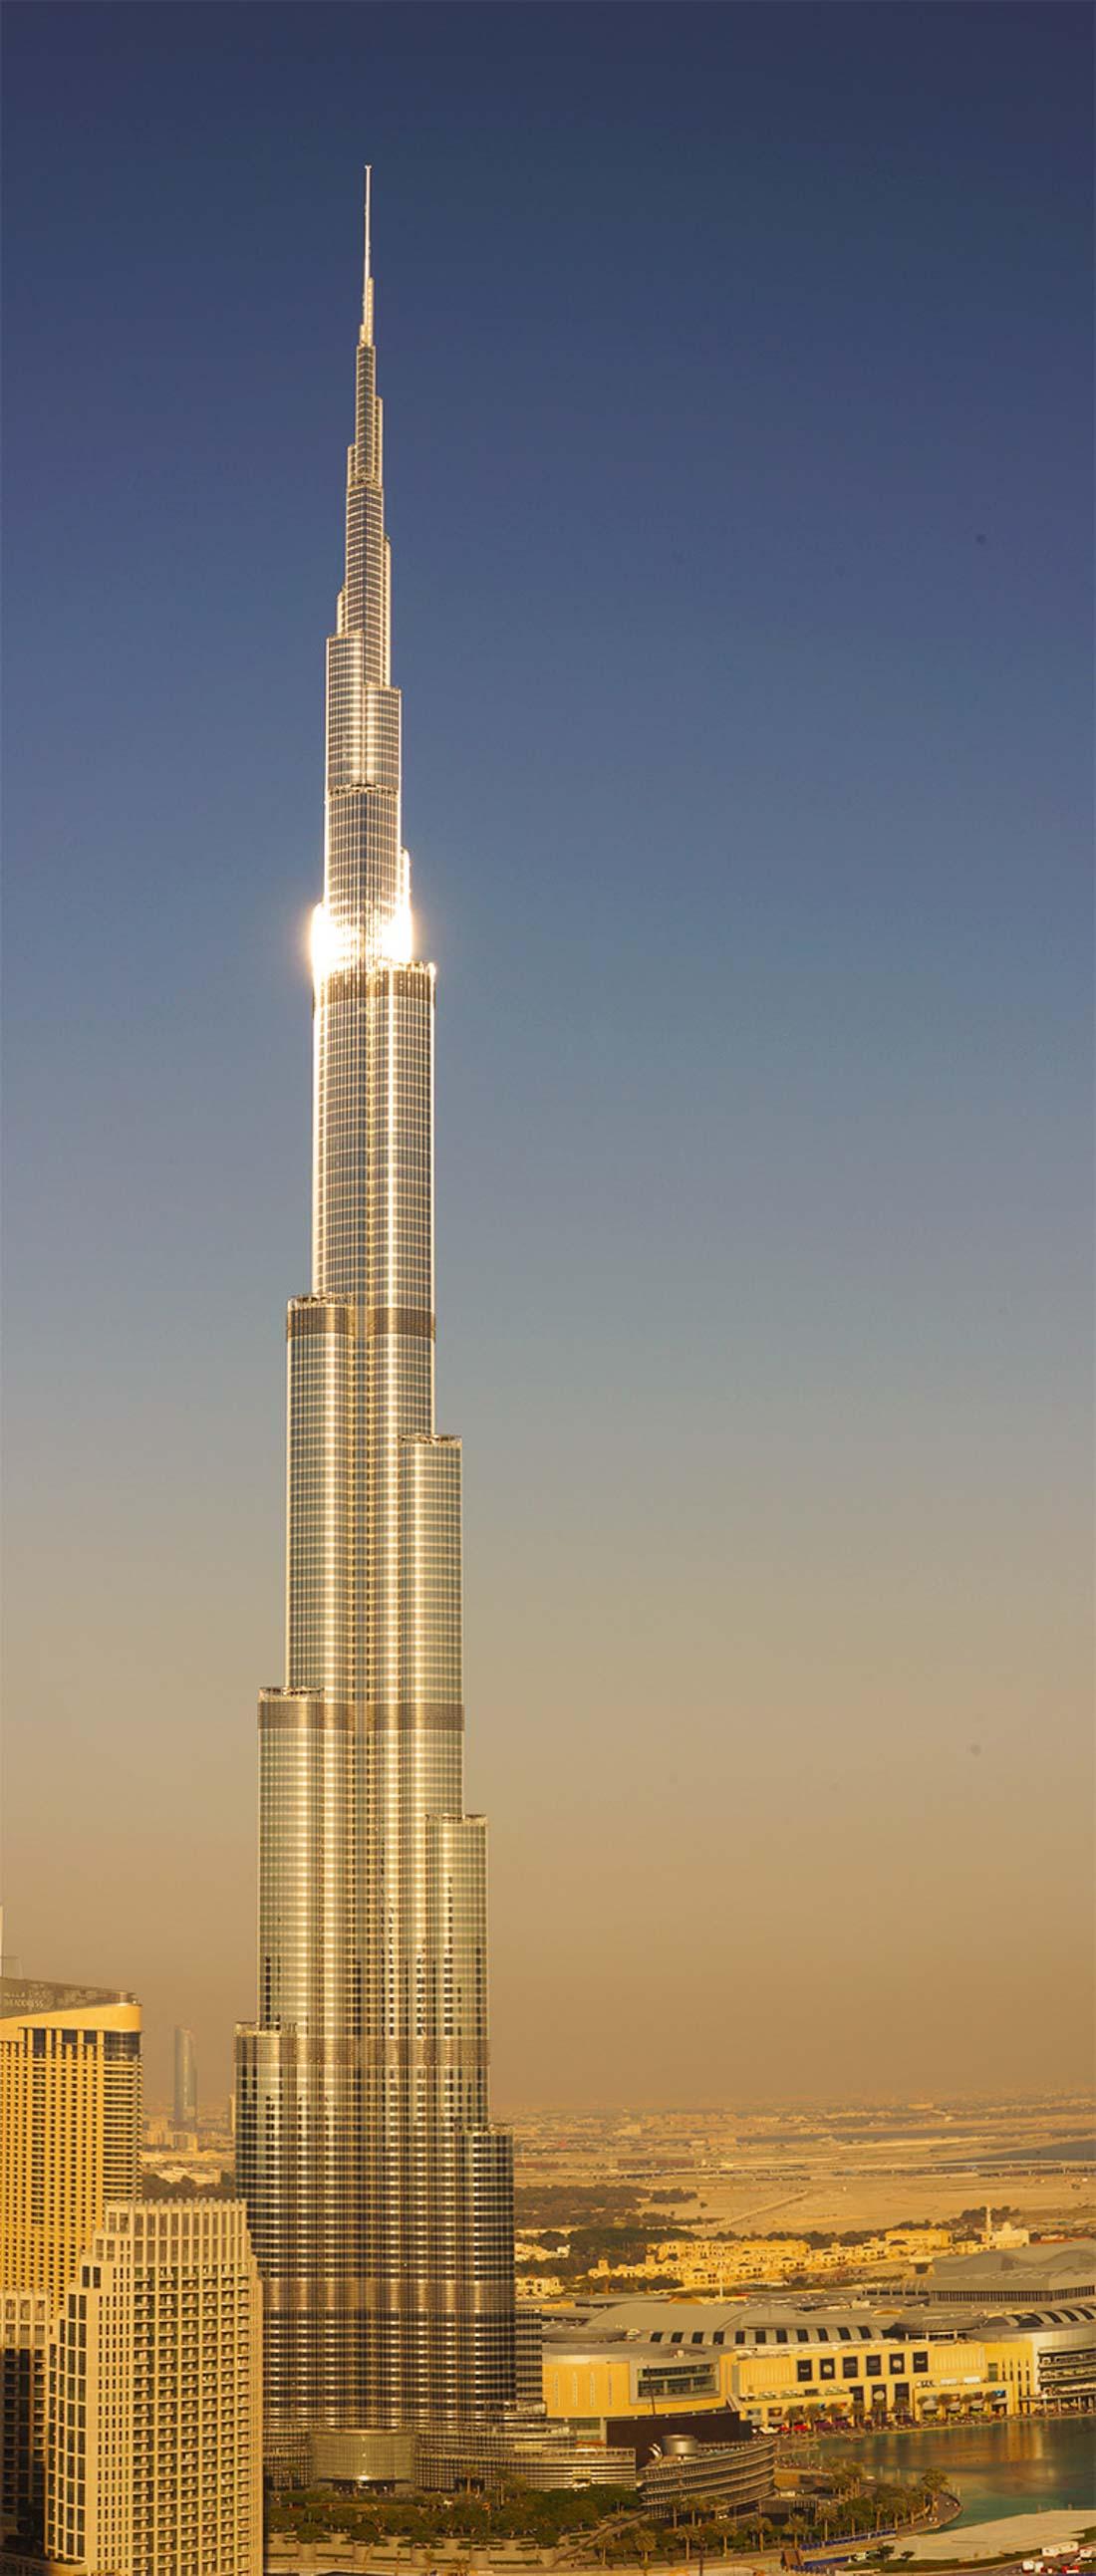 «Бурдж-Халифа» (Дубай) — самая высокая смотровая площадка в самом высоком здании в мире находится на